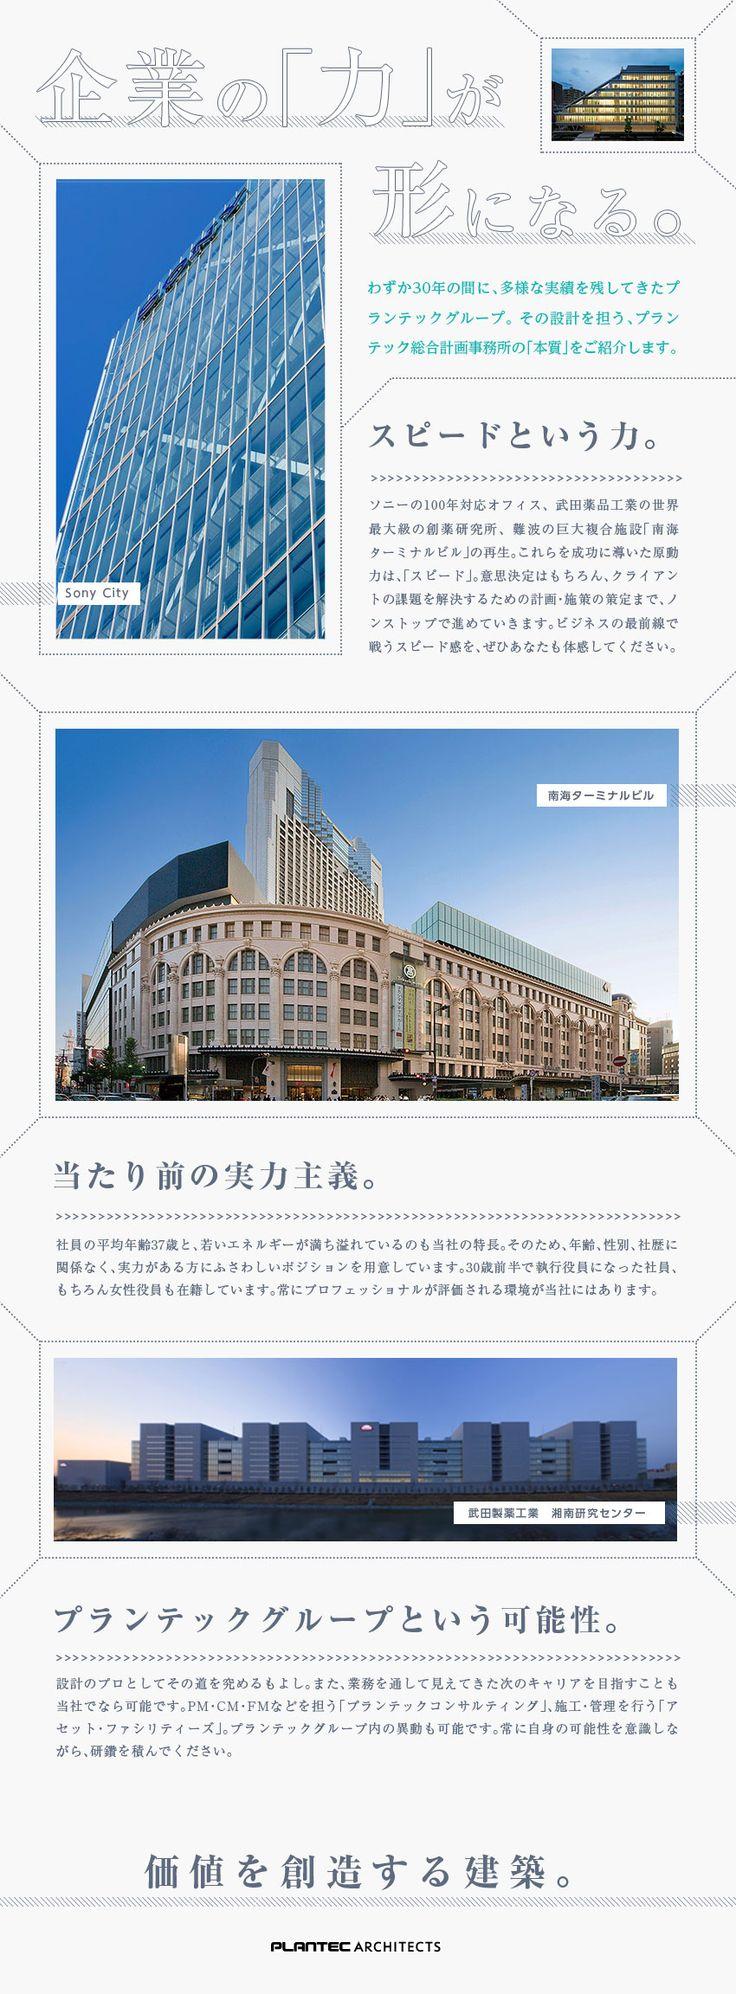 株式会社プランテック総合計画事務所(プランテックグループ)/建築設計(意匠・構造・設備・内装/資格保有者は優遇)の求人PR - 転職ならDODA(デューダ)